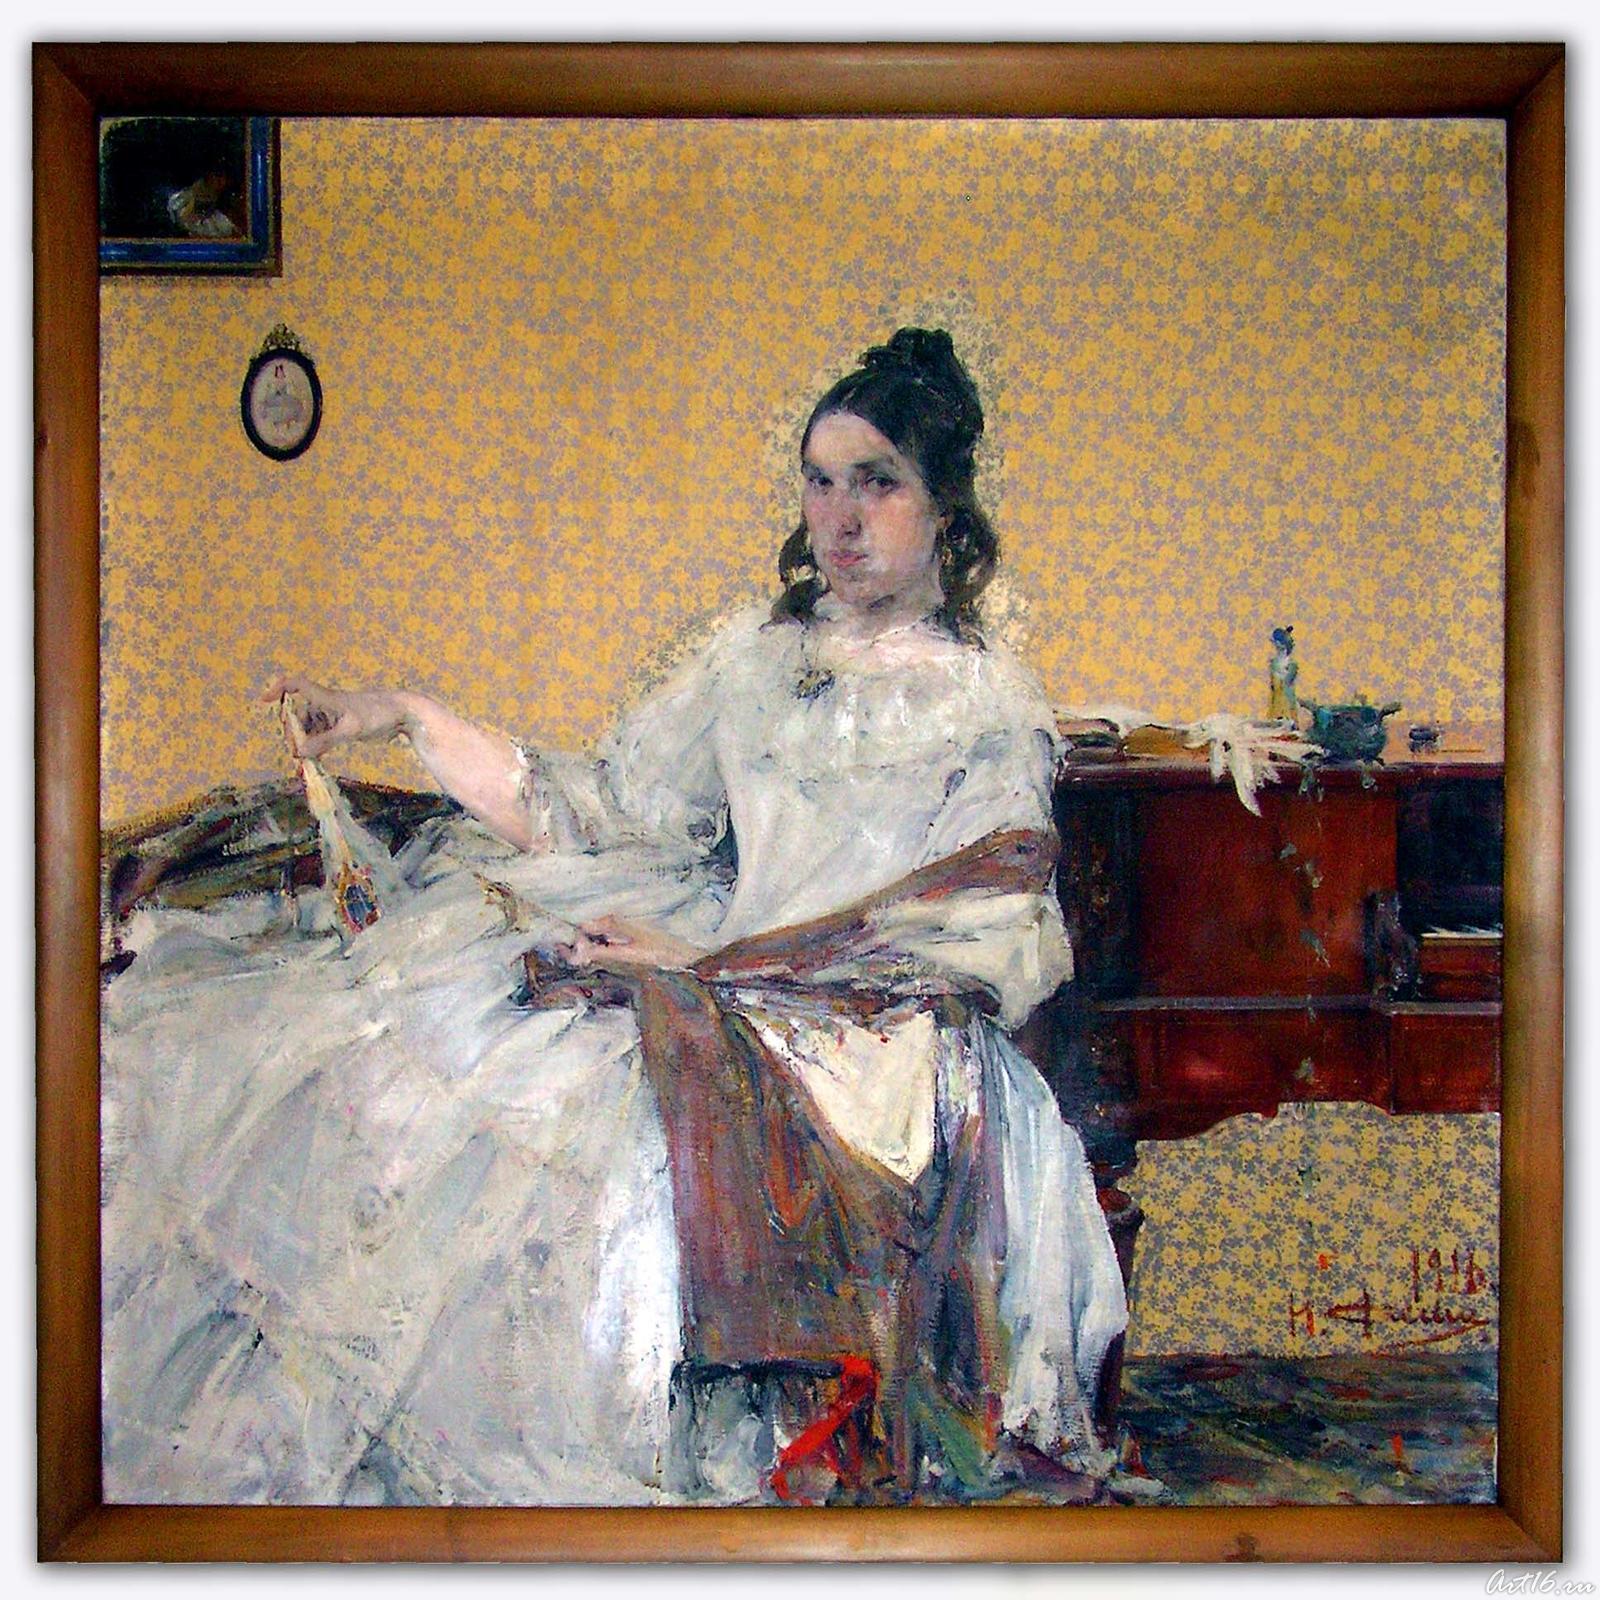 Фото №14533. Портрет Надежды Михайловны Сапожниковой. 1916. Фешин Н.И.